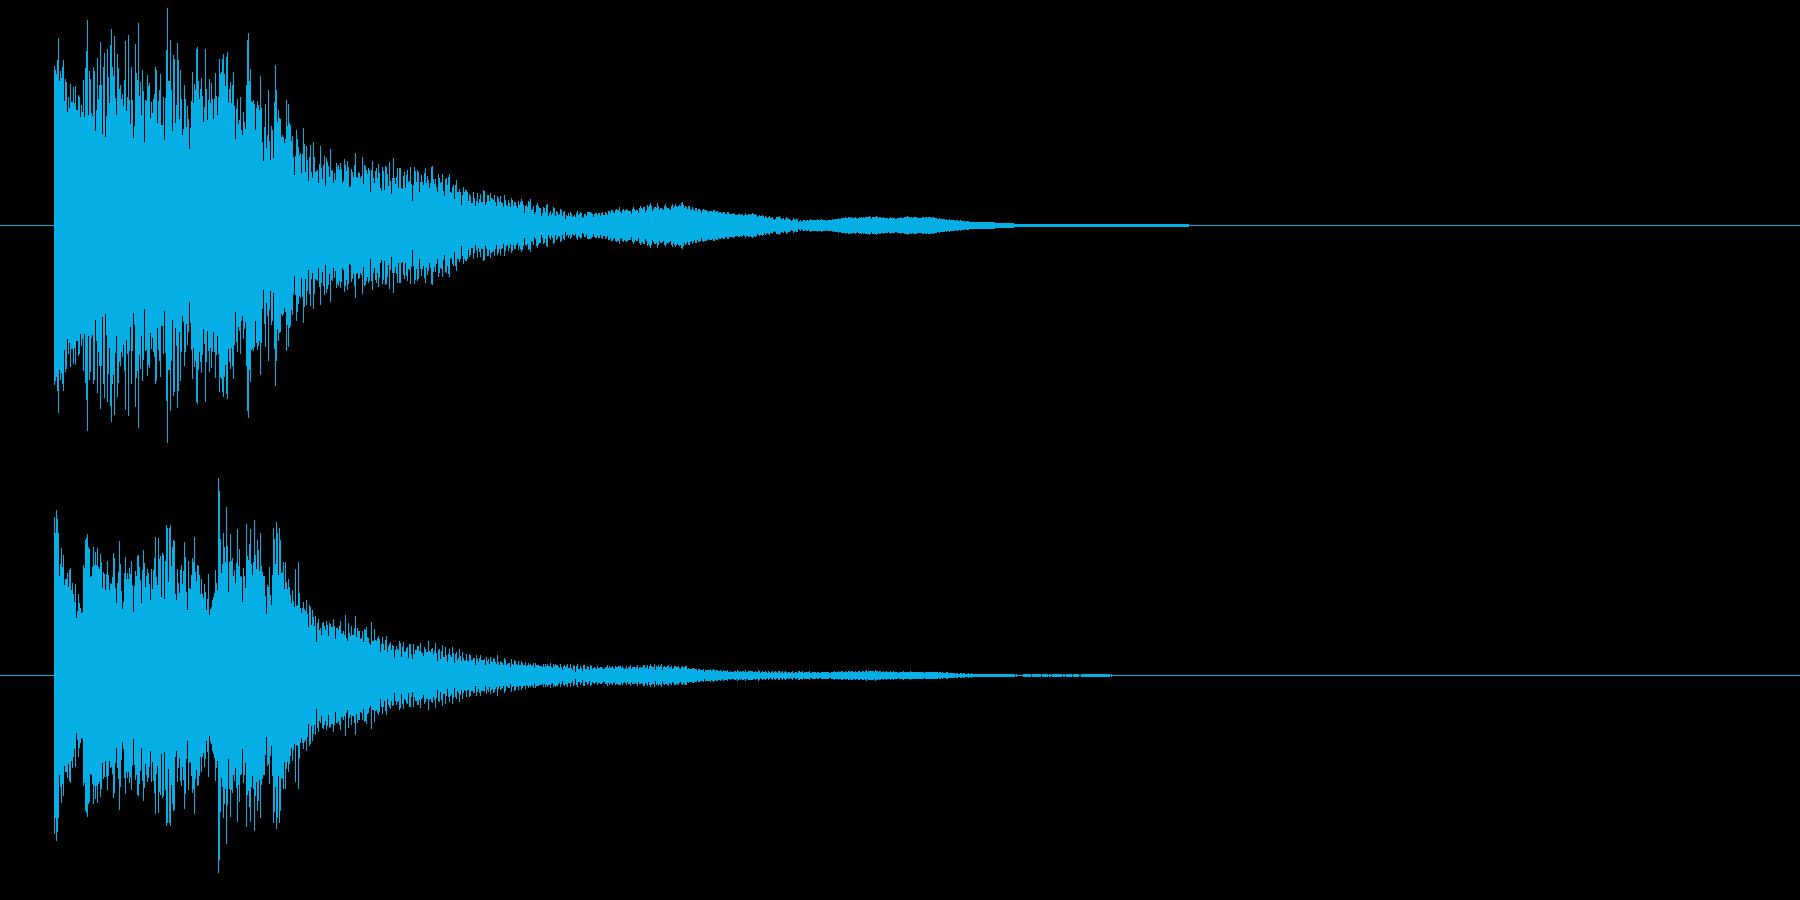 琴による和風ジングル・上行の再生済みの波形